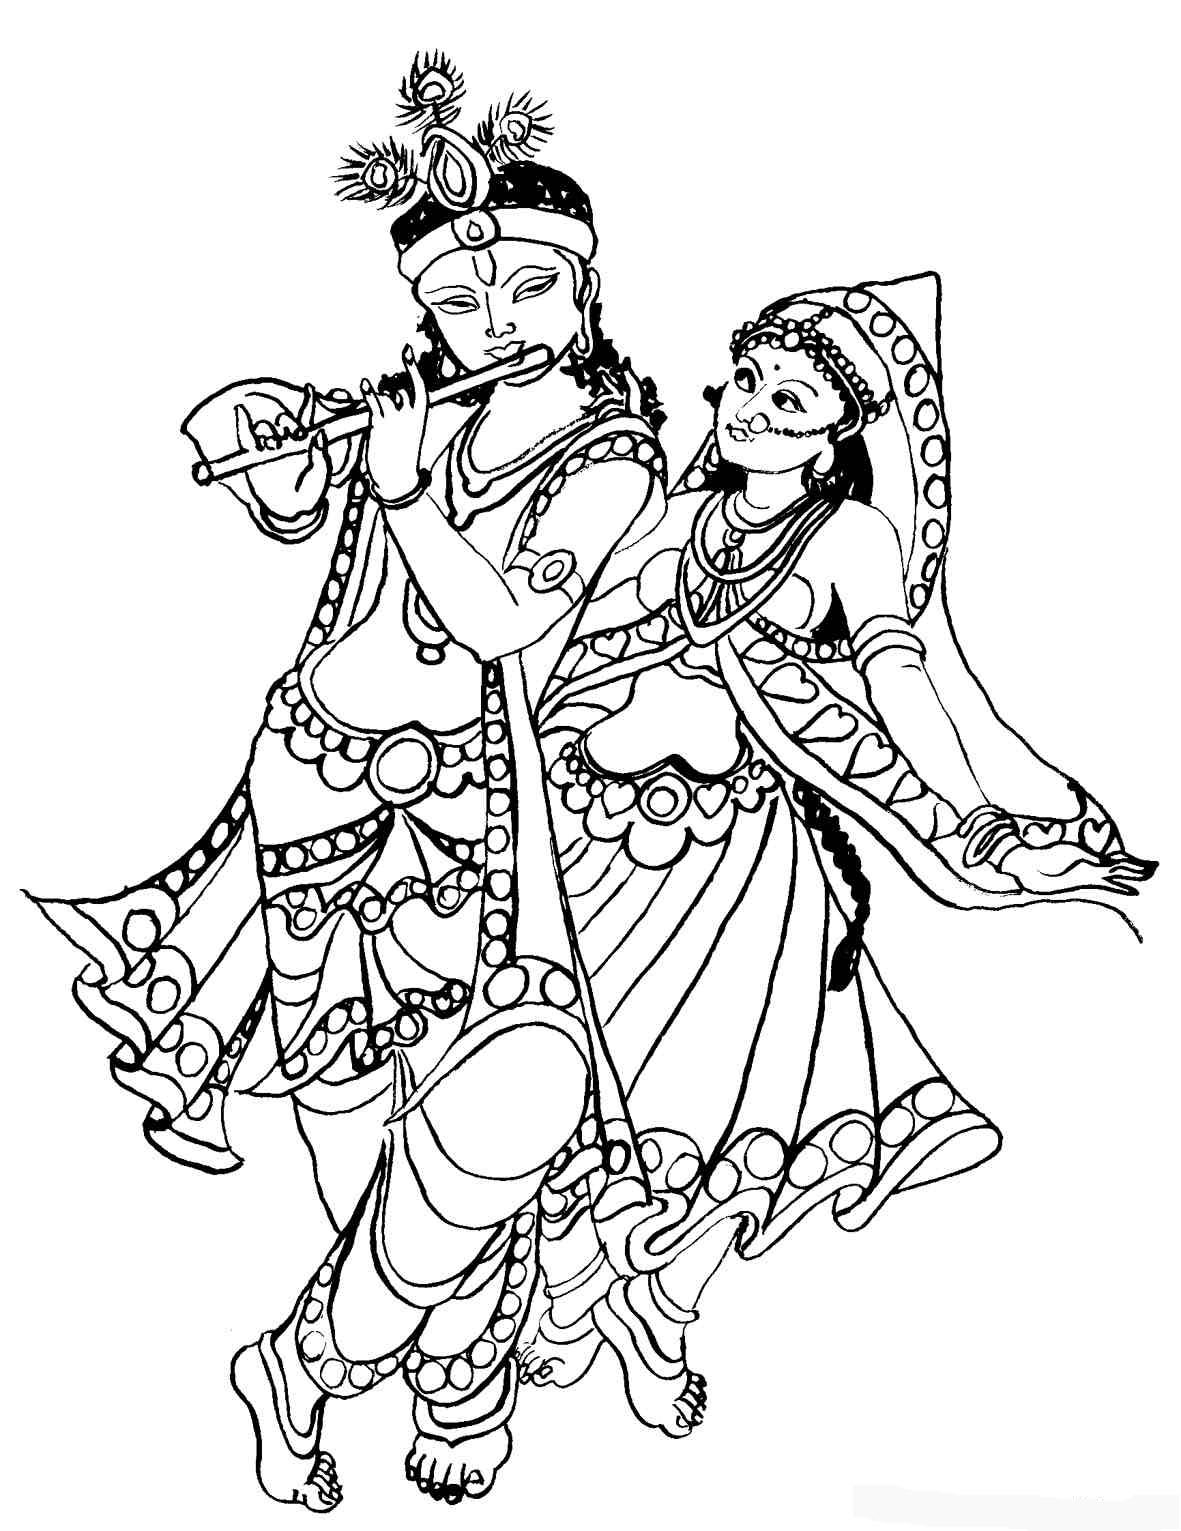 Gods clipart radha krishna Gods Free Krishna Colouring Download